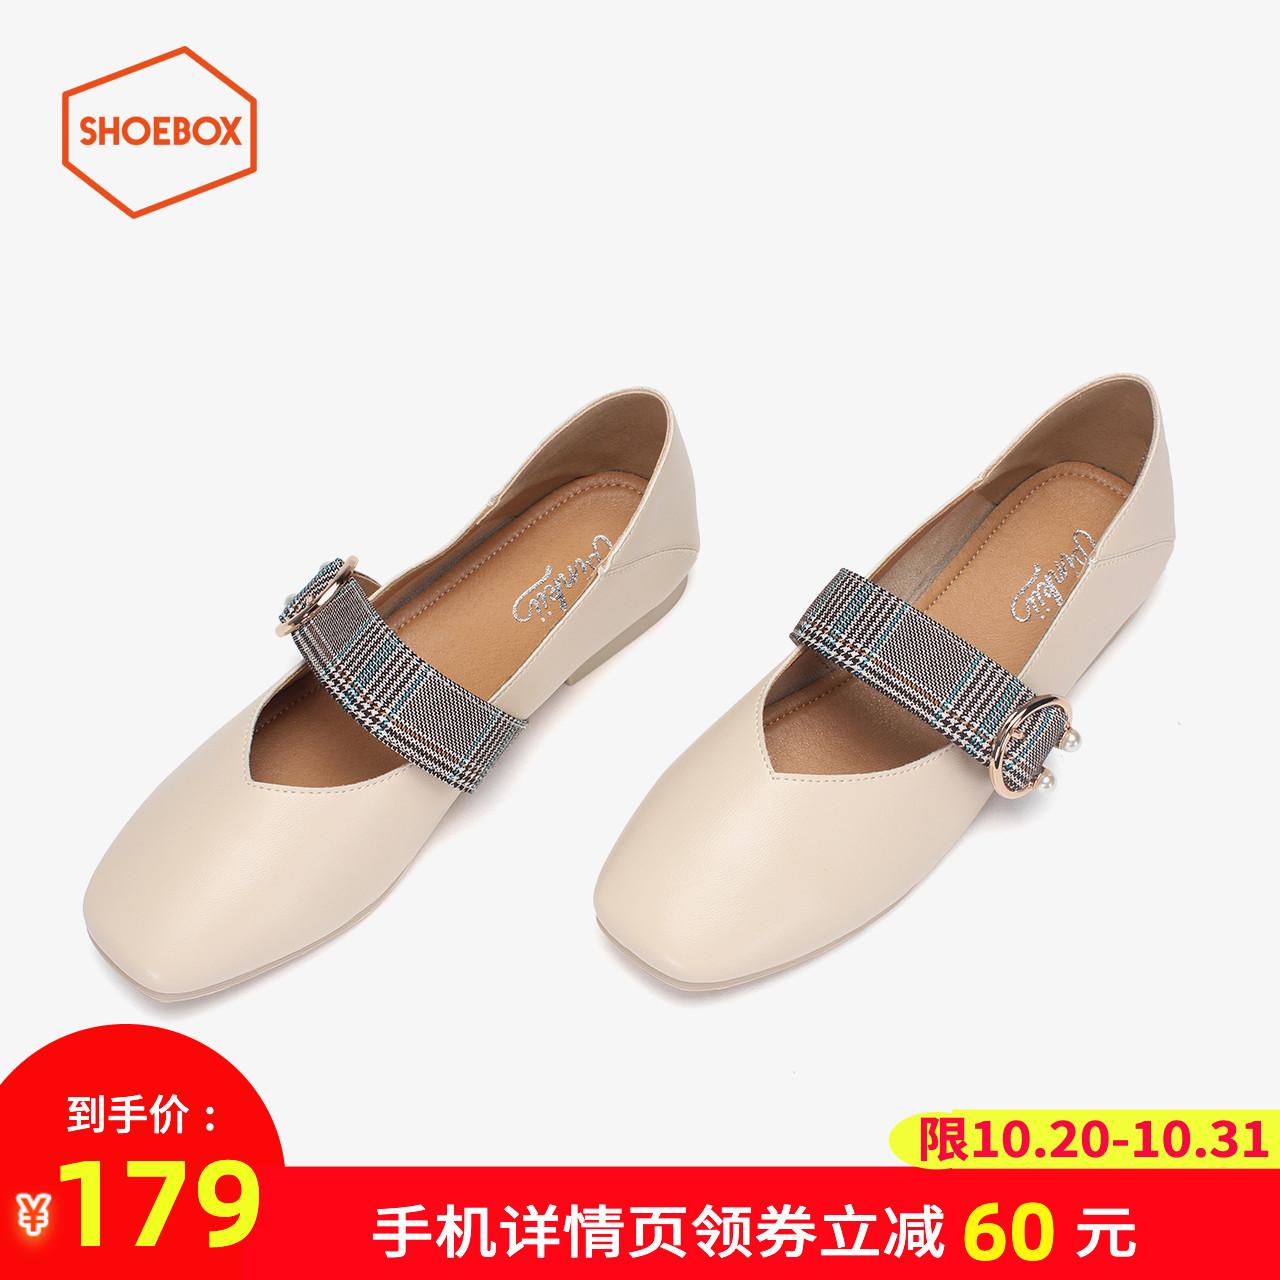 鞋柜旗舰单鞋女2019秋新款女鞋浅口低跟平底鞋百搭淑女玛丽珍鞋